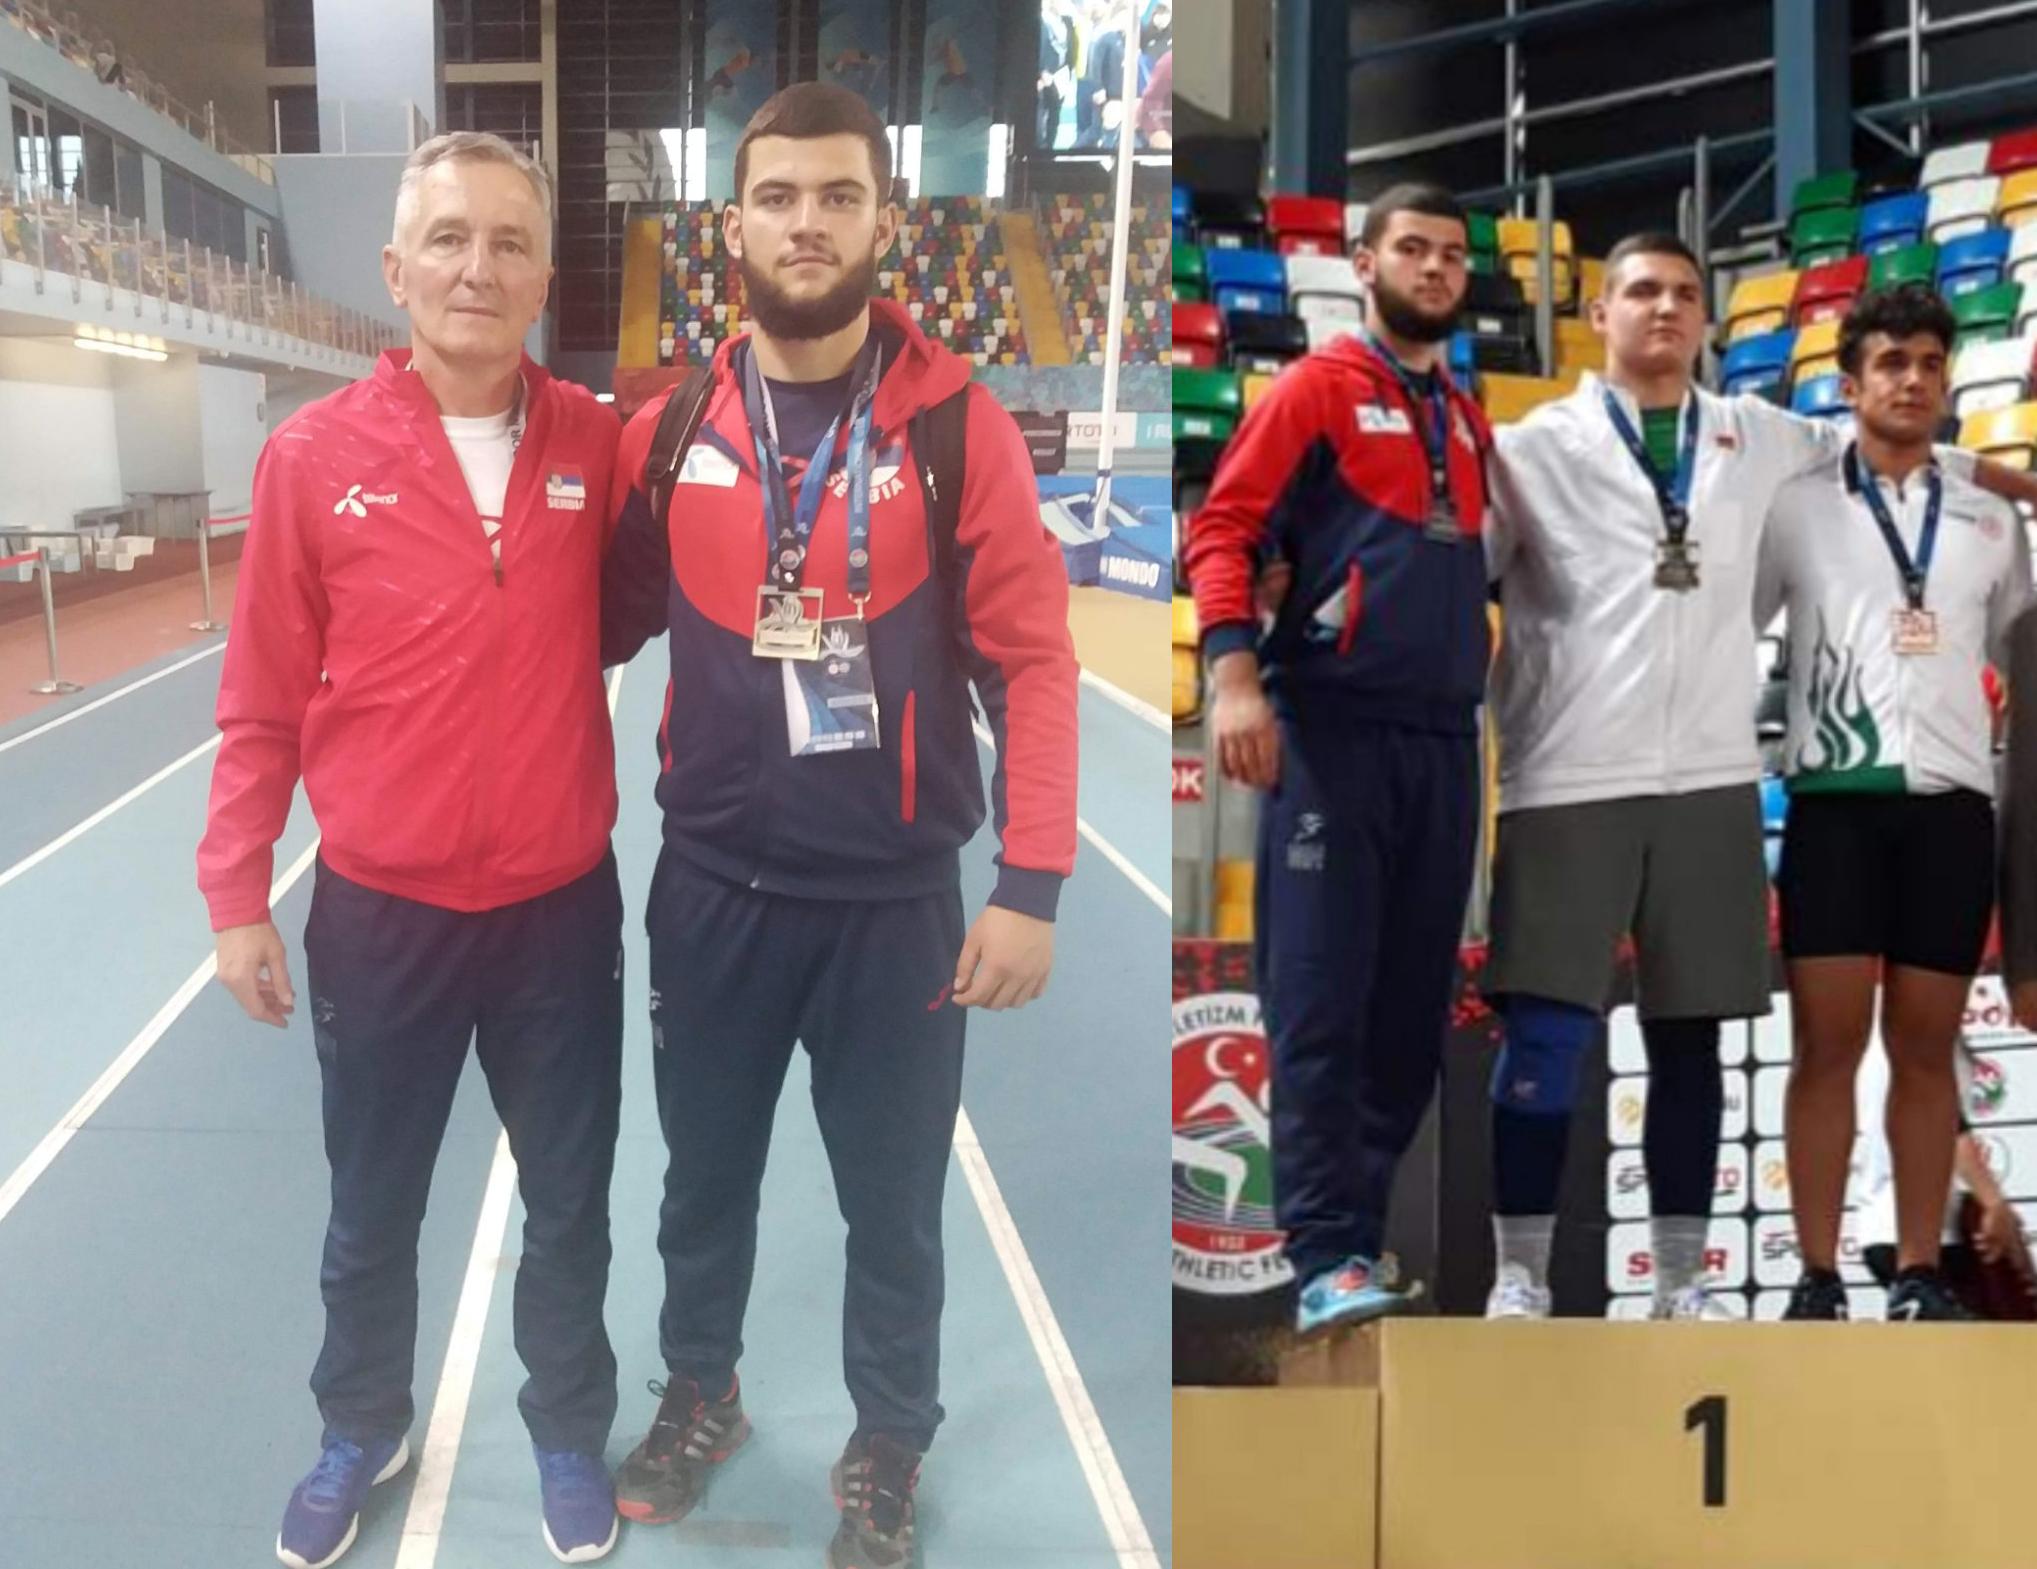 Хамед Кајевић освојио сребрну медаљу на Међународном такмичењу у Истанбулу